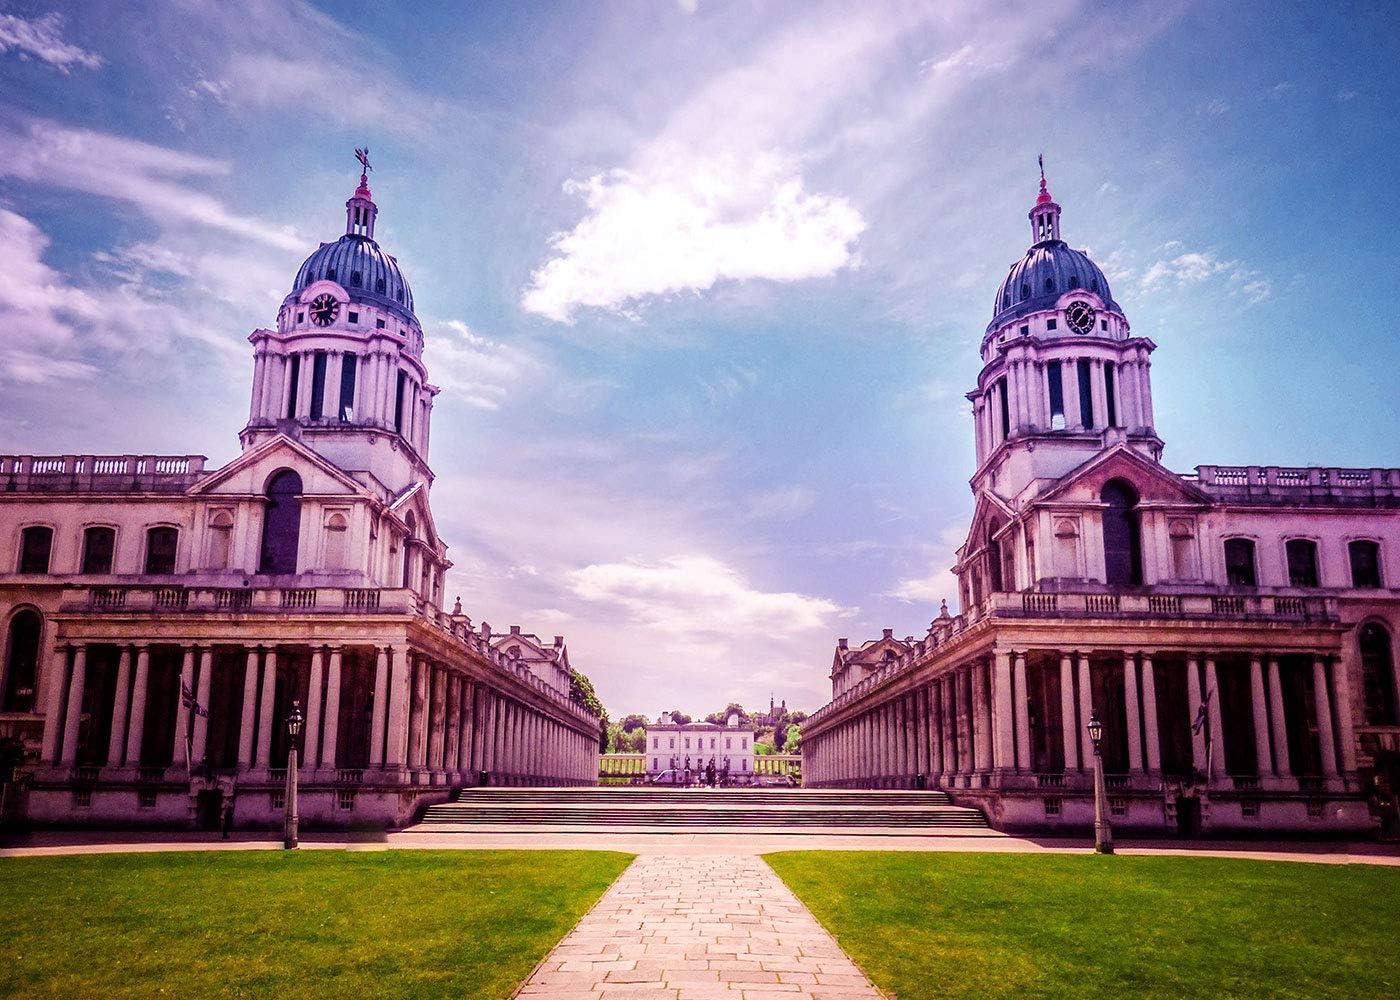 15x10ft Greenwich University Architecture Landscape Background London Landscape Background Photography Props LYFU430